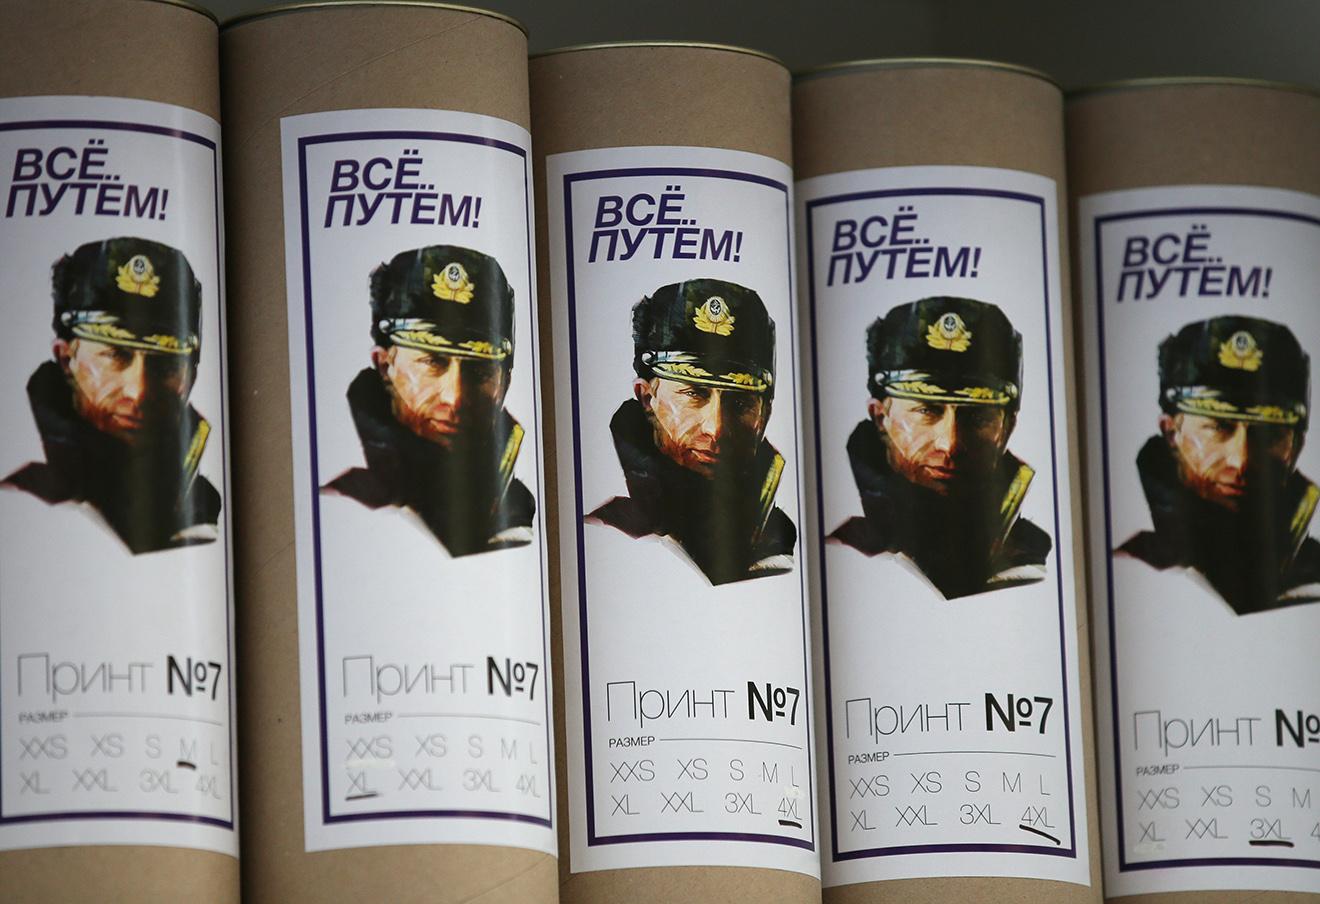 Упаковки футболок с изображением президента на прилавке в ГУМе. Фото: Михаил Метцель / ТАСС